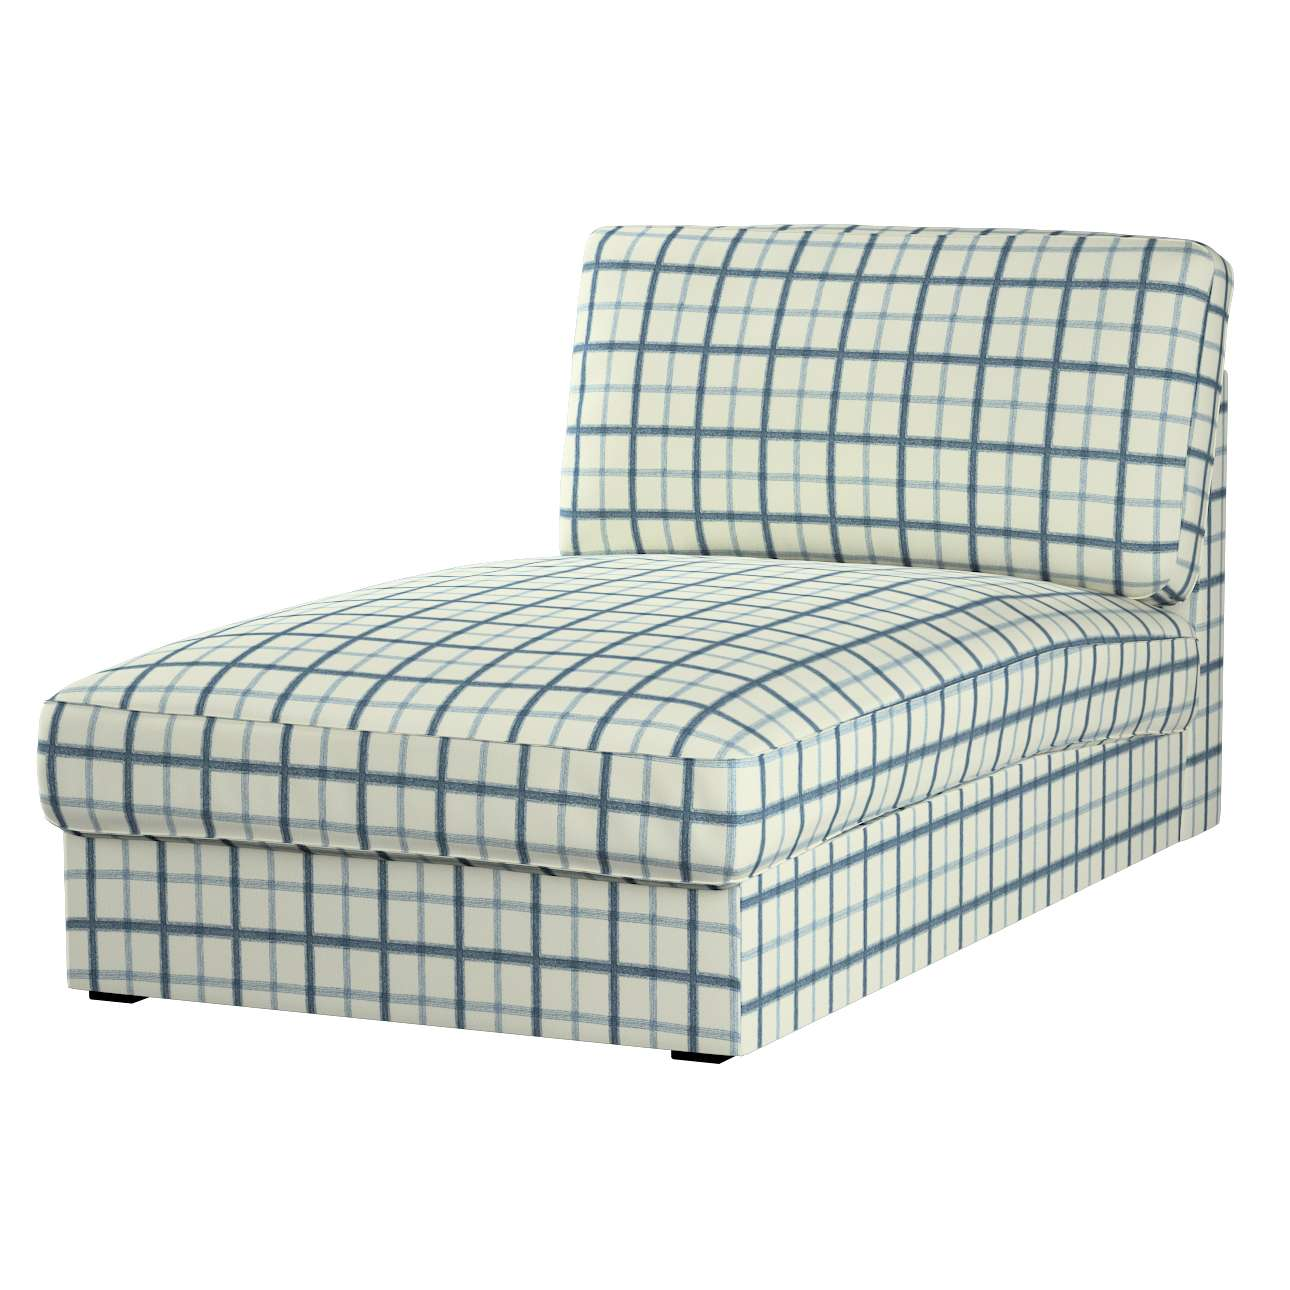 KIVIK gulimojo krėslo užvalkalas Kivik chaise longue kolekcijoje Avinon, audinys: 131-66